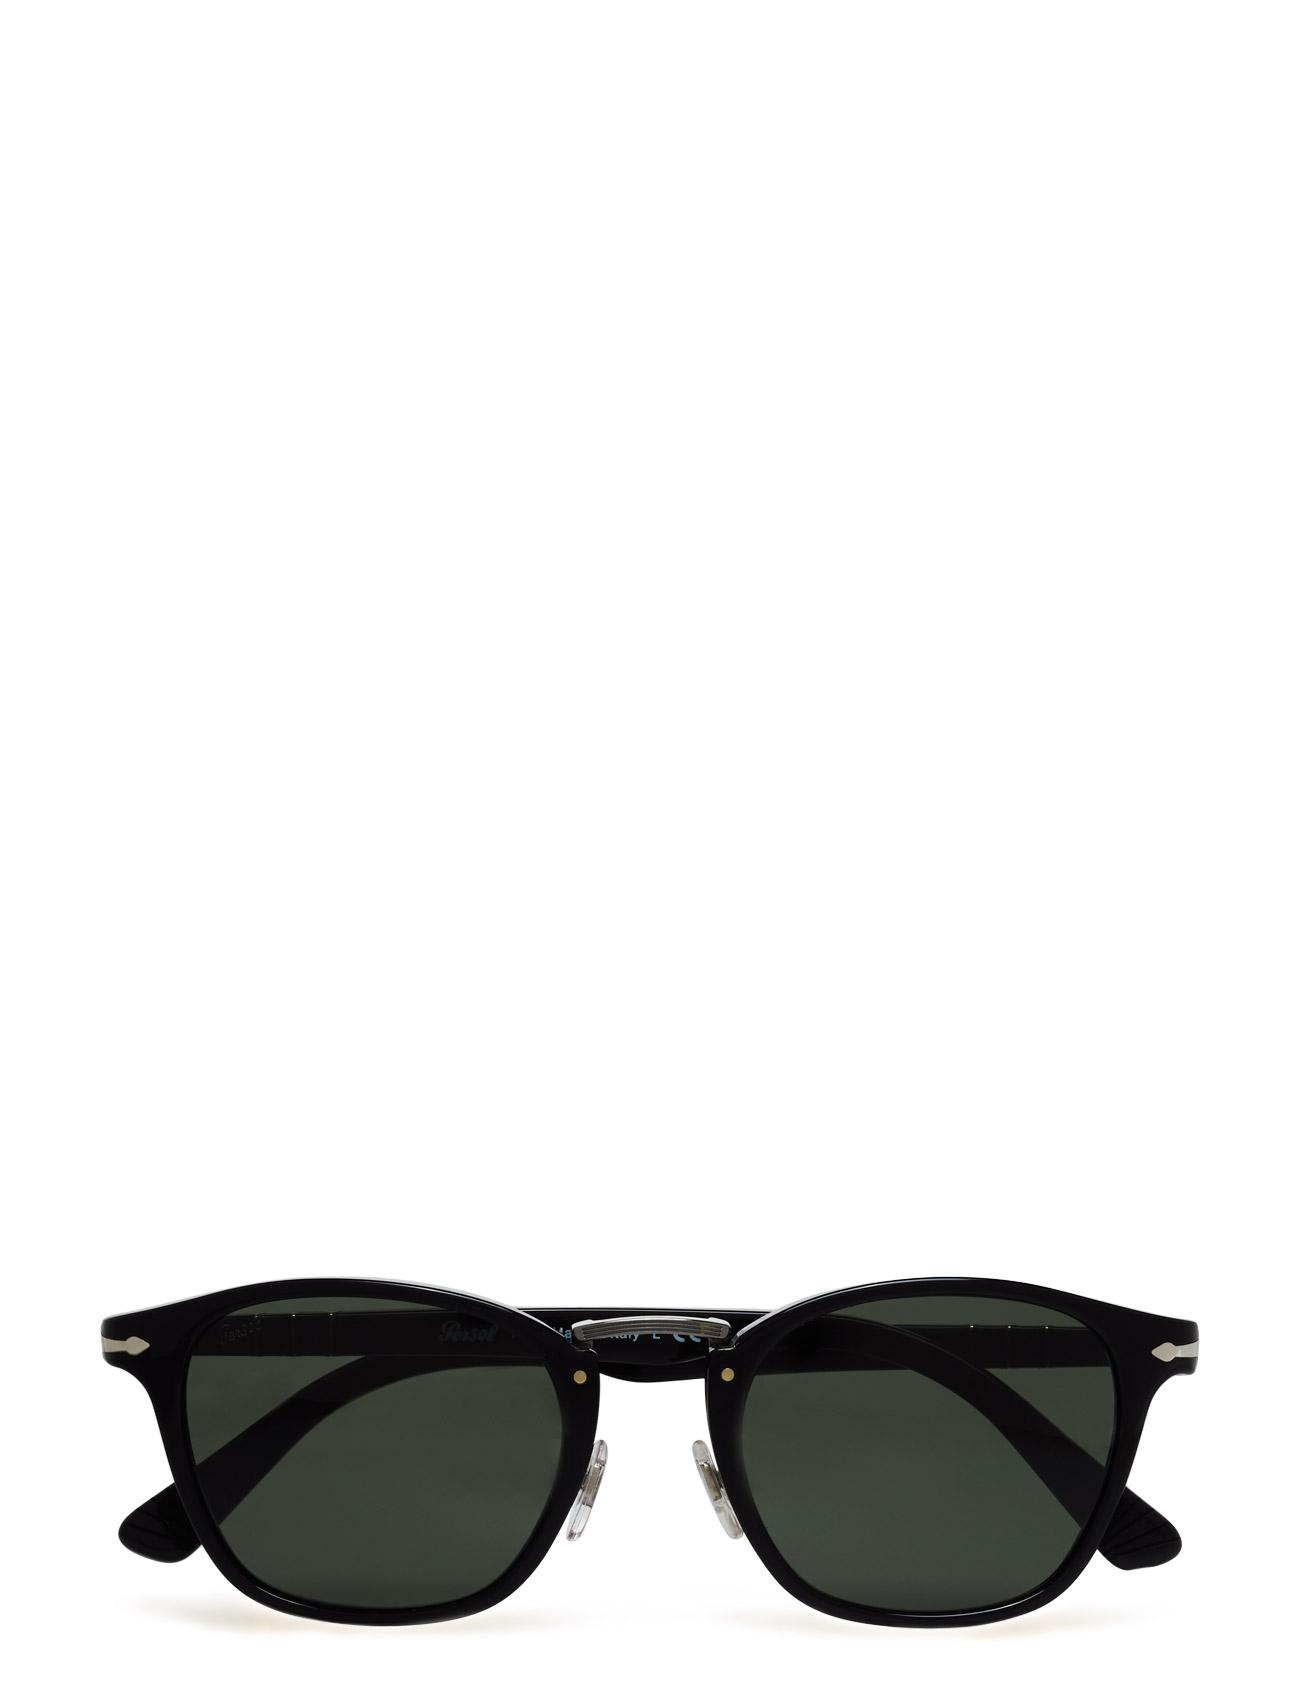 Suprema Persol Solbriller til Mænd i